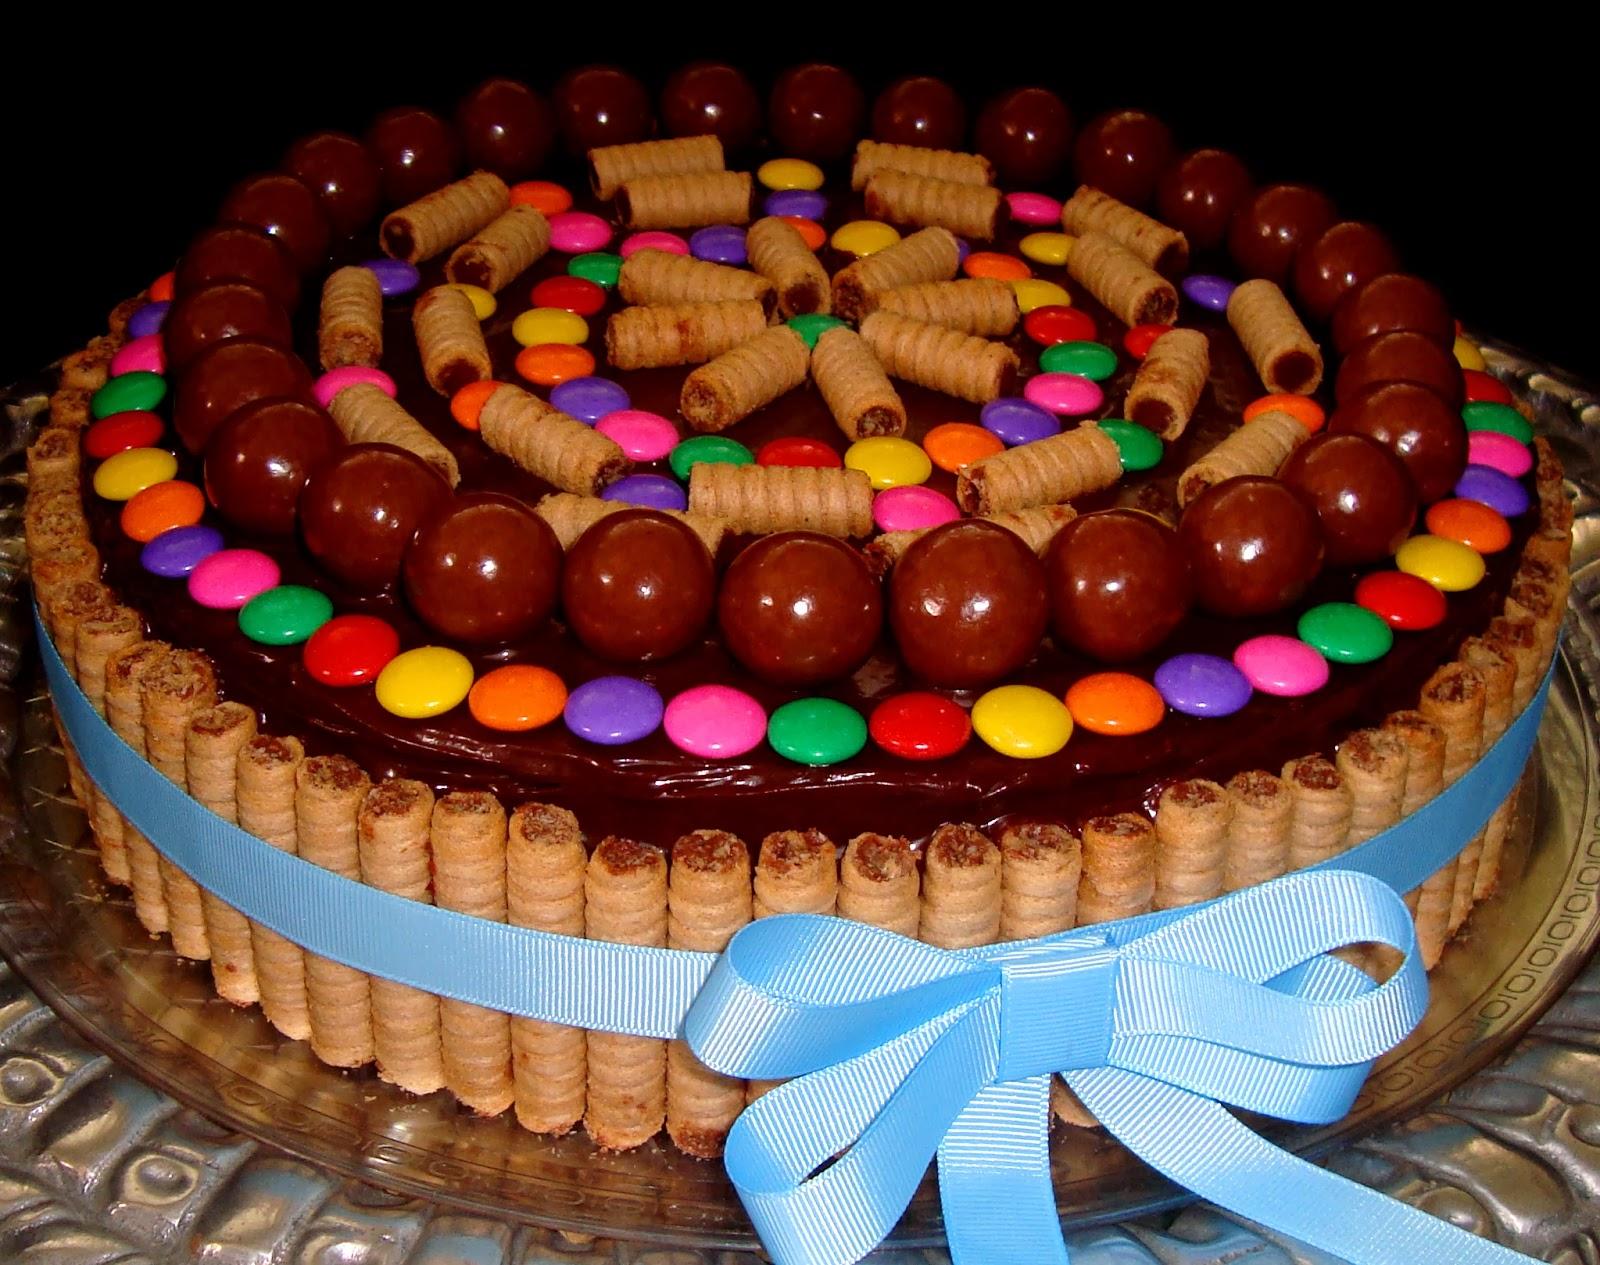 украшение для торта своими руками фото если правильно понял